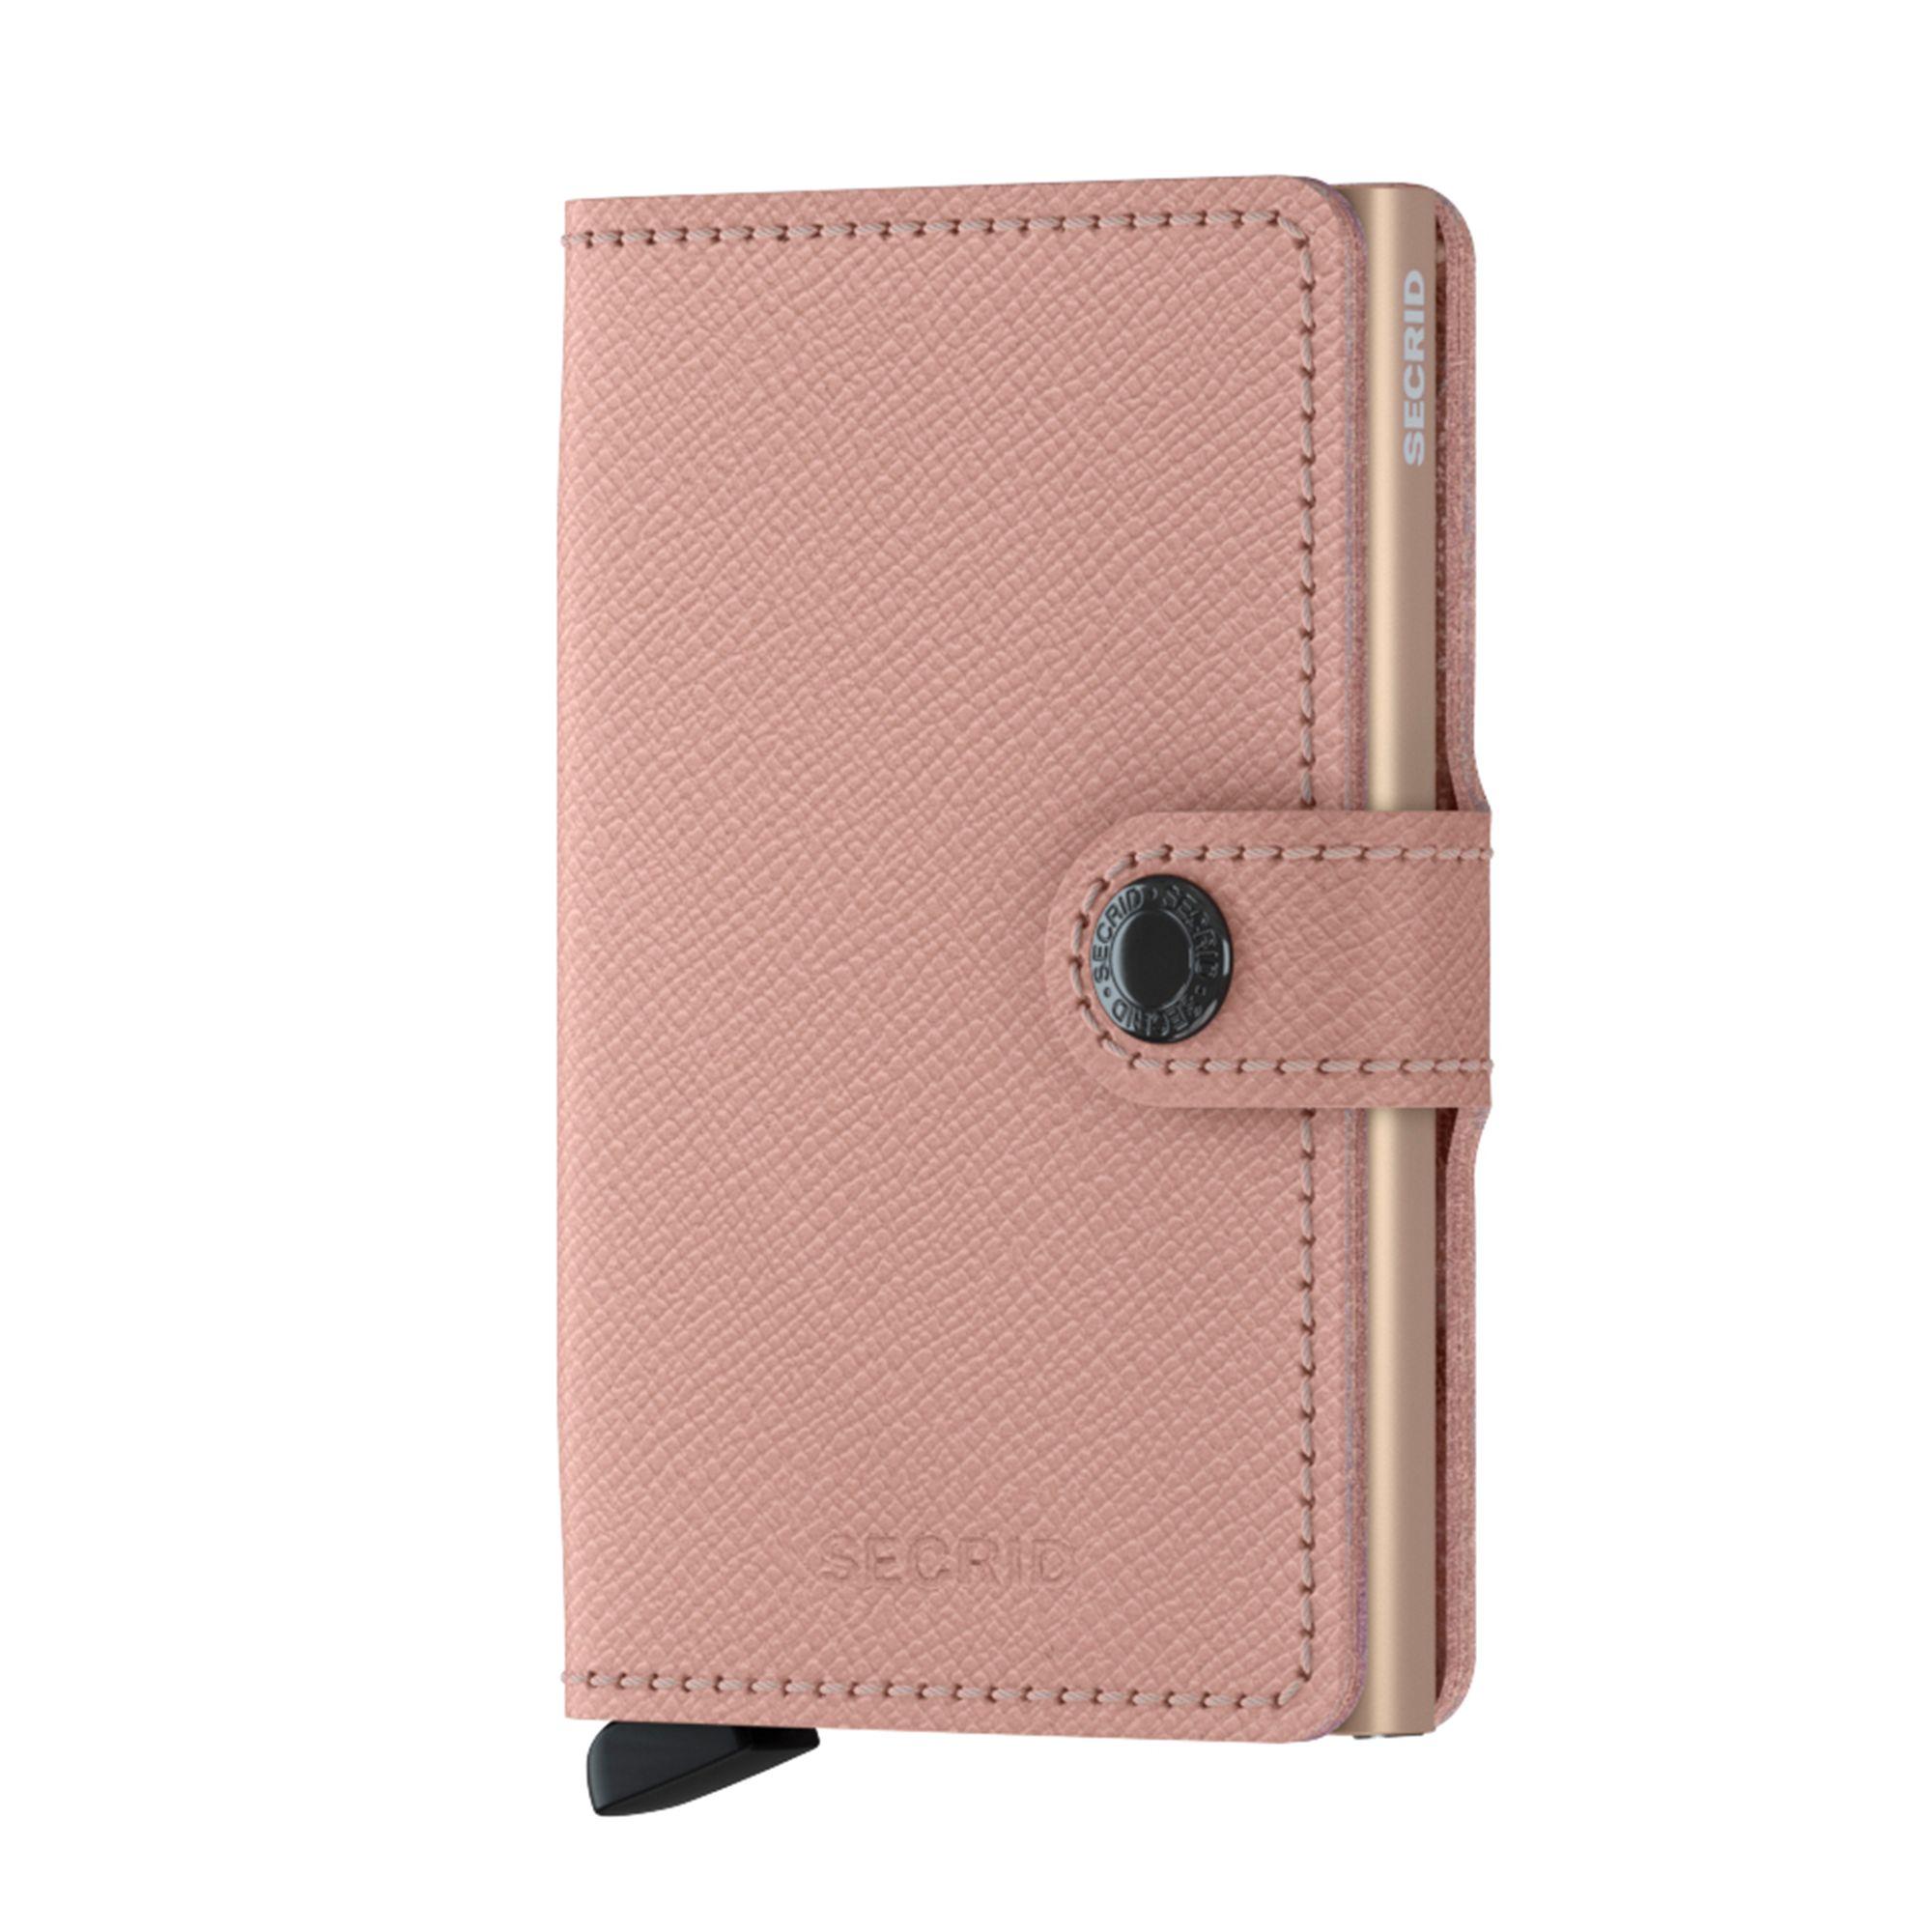 Secrid liten plånbok i skinn och metall, Rosa med mönster